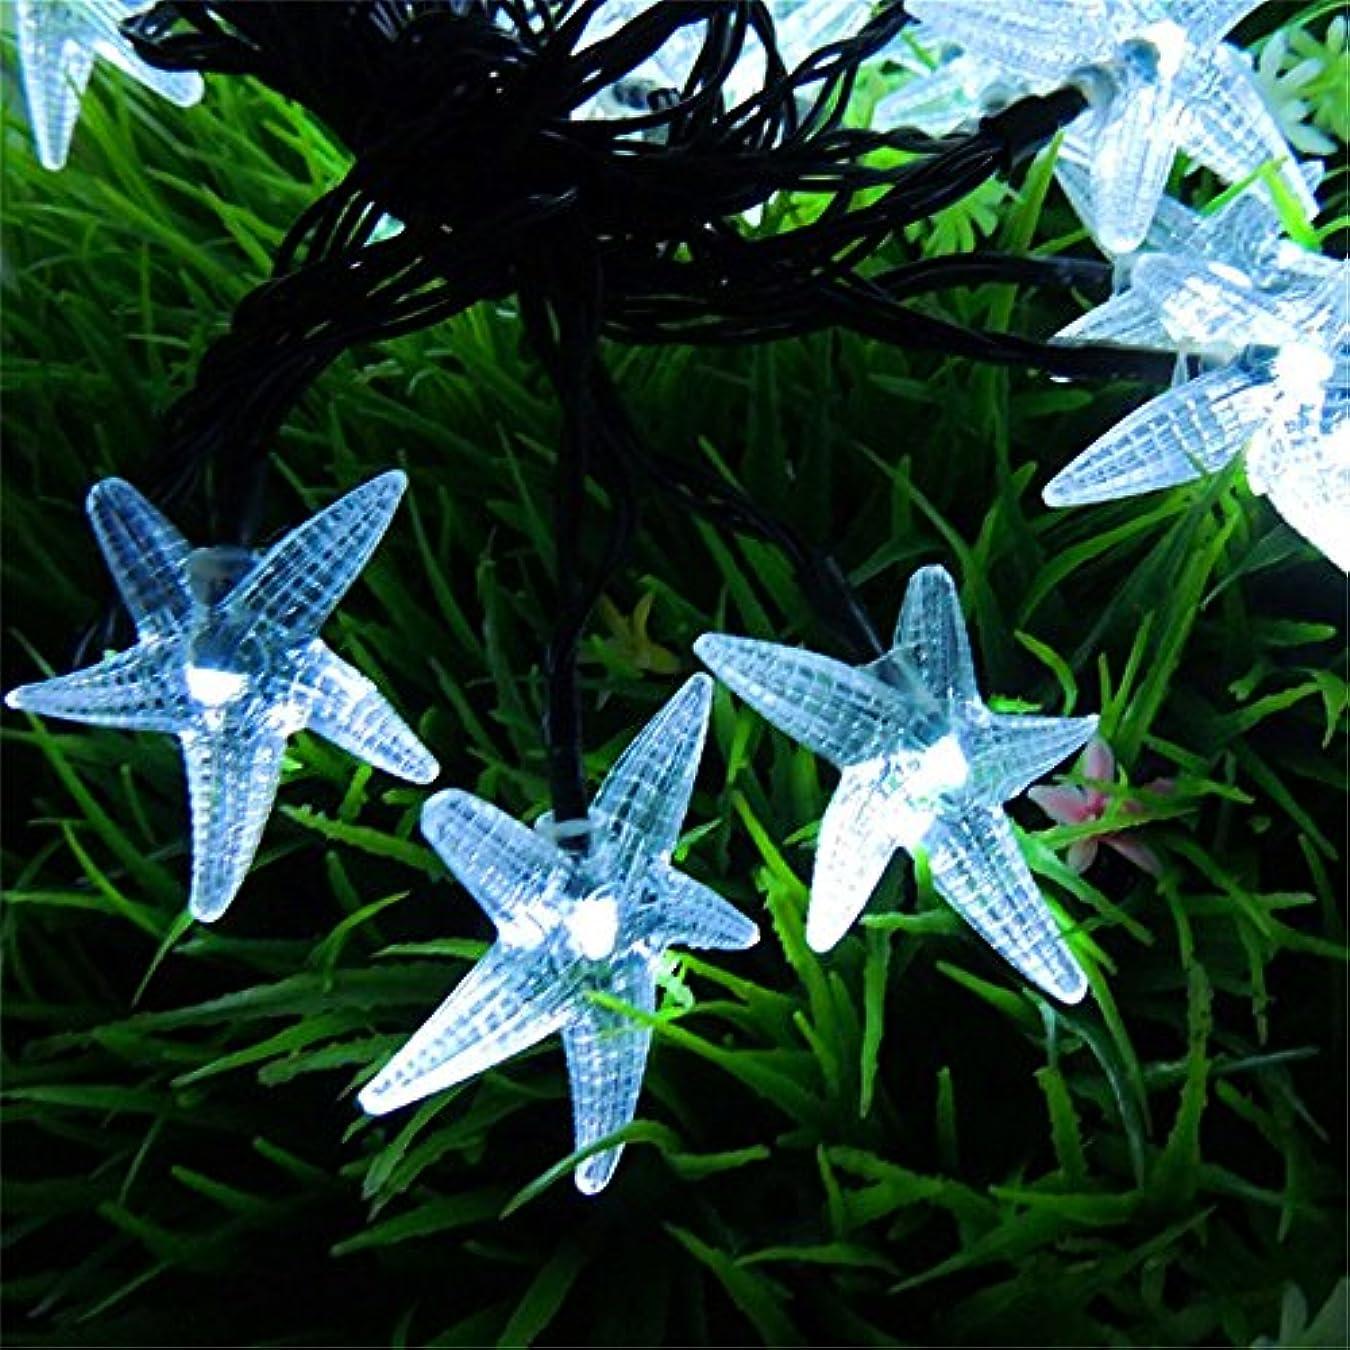 マントルメルボルンサイトラインソーラーストリングライト、SIMPLE DO LEDライト イルミネーション クリスマス パーティー 防水 省エネ 環境に優しい 使いやすい カラフル(ホワイト)